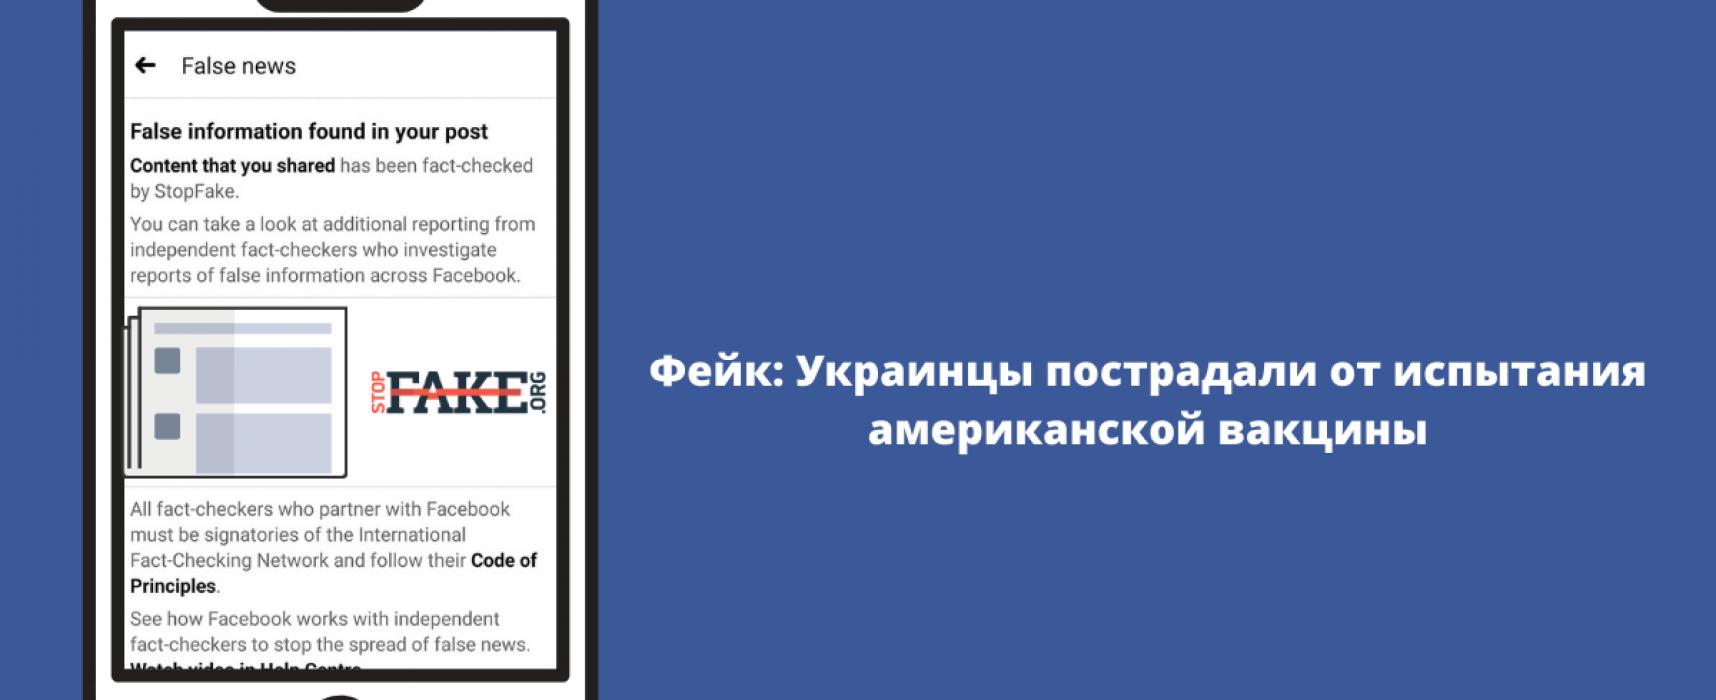 Фейк: Українці постраждали від випробування американської вакцини